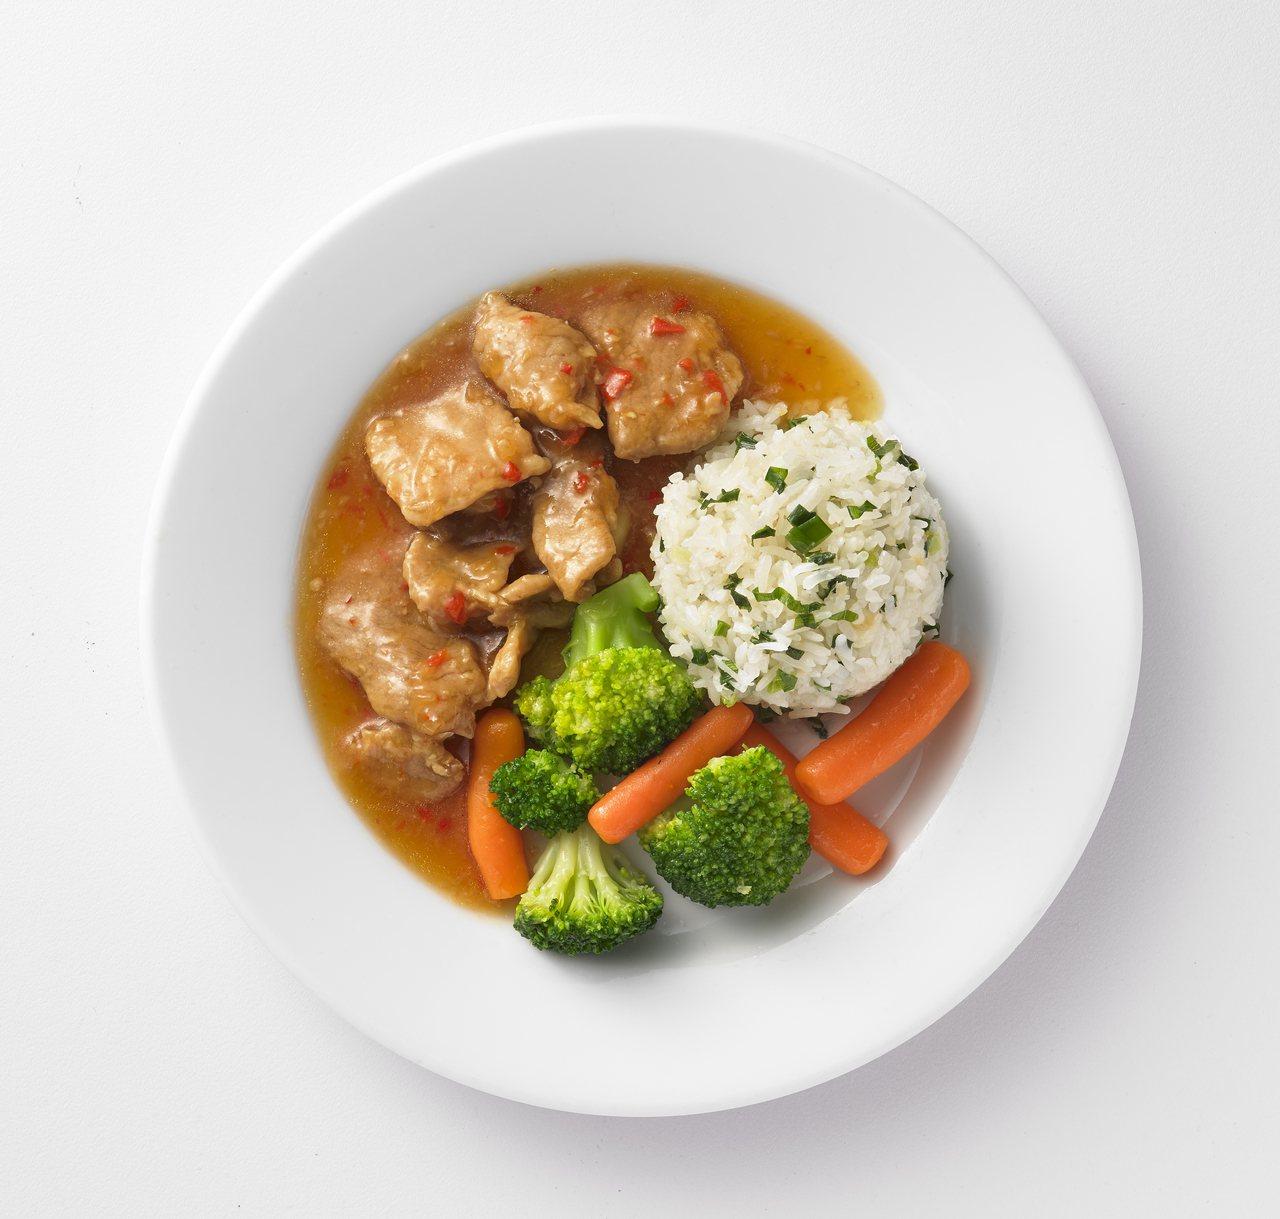 IKEA瑞典餐廳新推出燒肉香蔥飯,售價99元。圖/IKEA提供